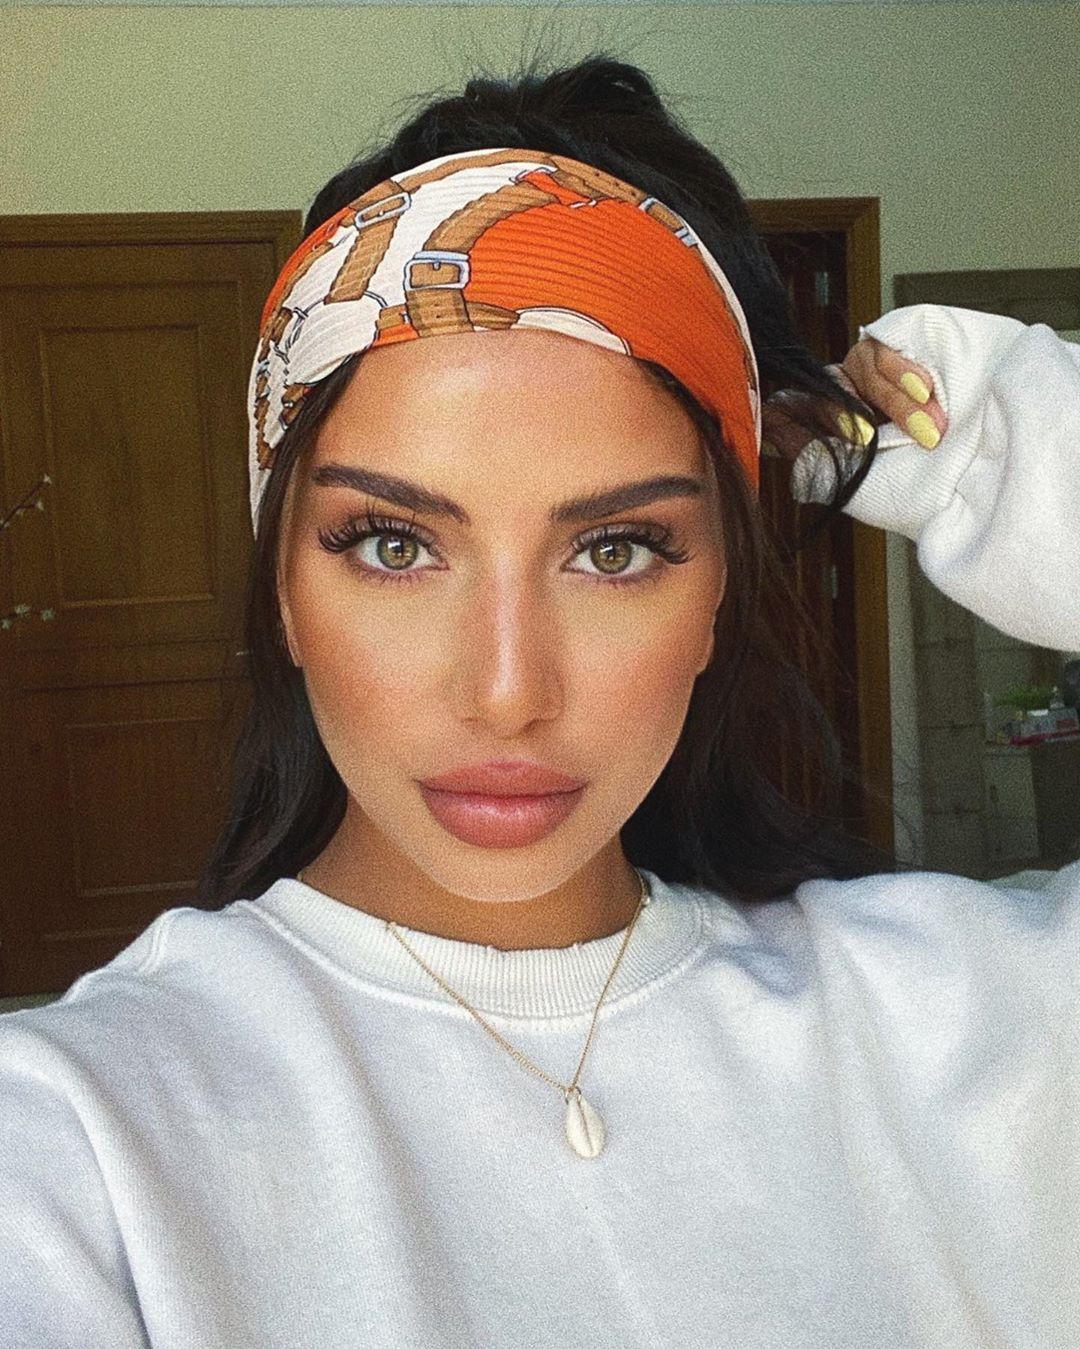 Layan Salem ليان سالم On Instagram نزلتلكم عالستوريز كيف صرت اسوي حواجبي و منتج غريب ولاكن قوييي بستخدمه عشان اثبتهم Beauty Skin Beauty Makeup Beauty